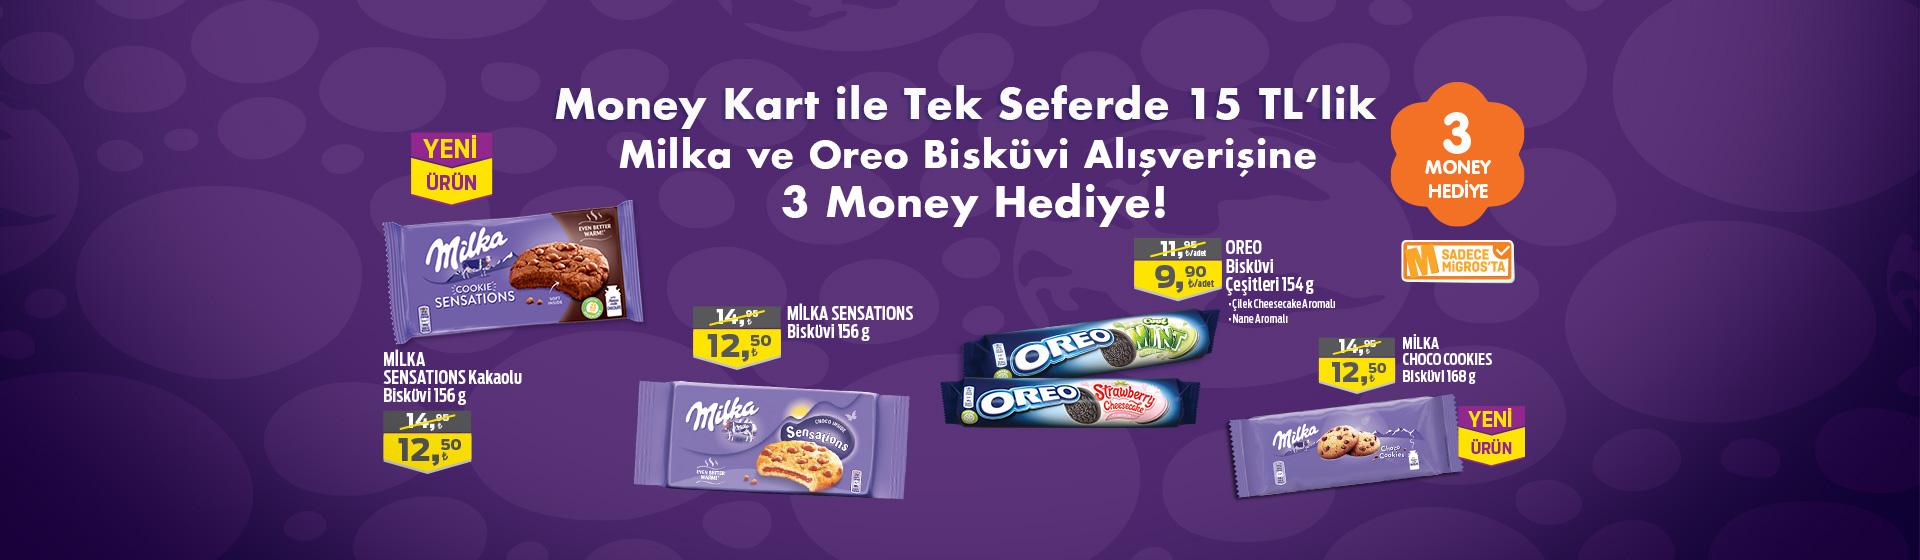 Milka, Oreo Money Kampanyası